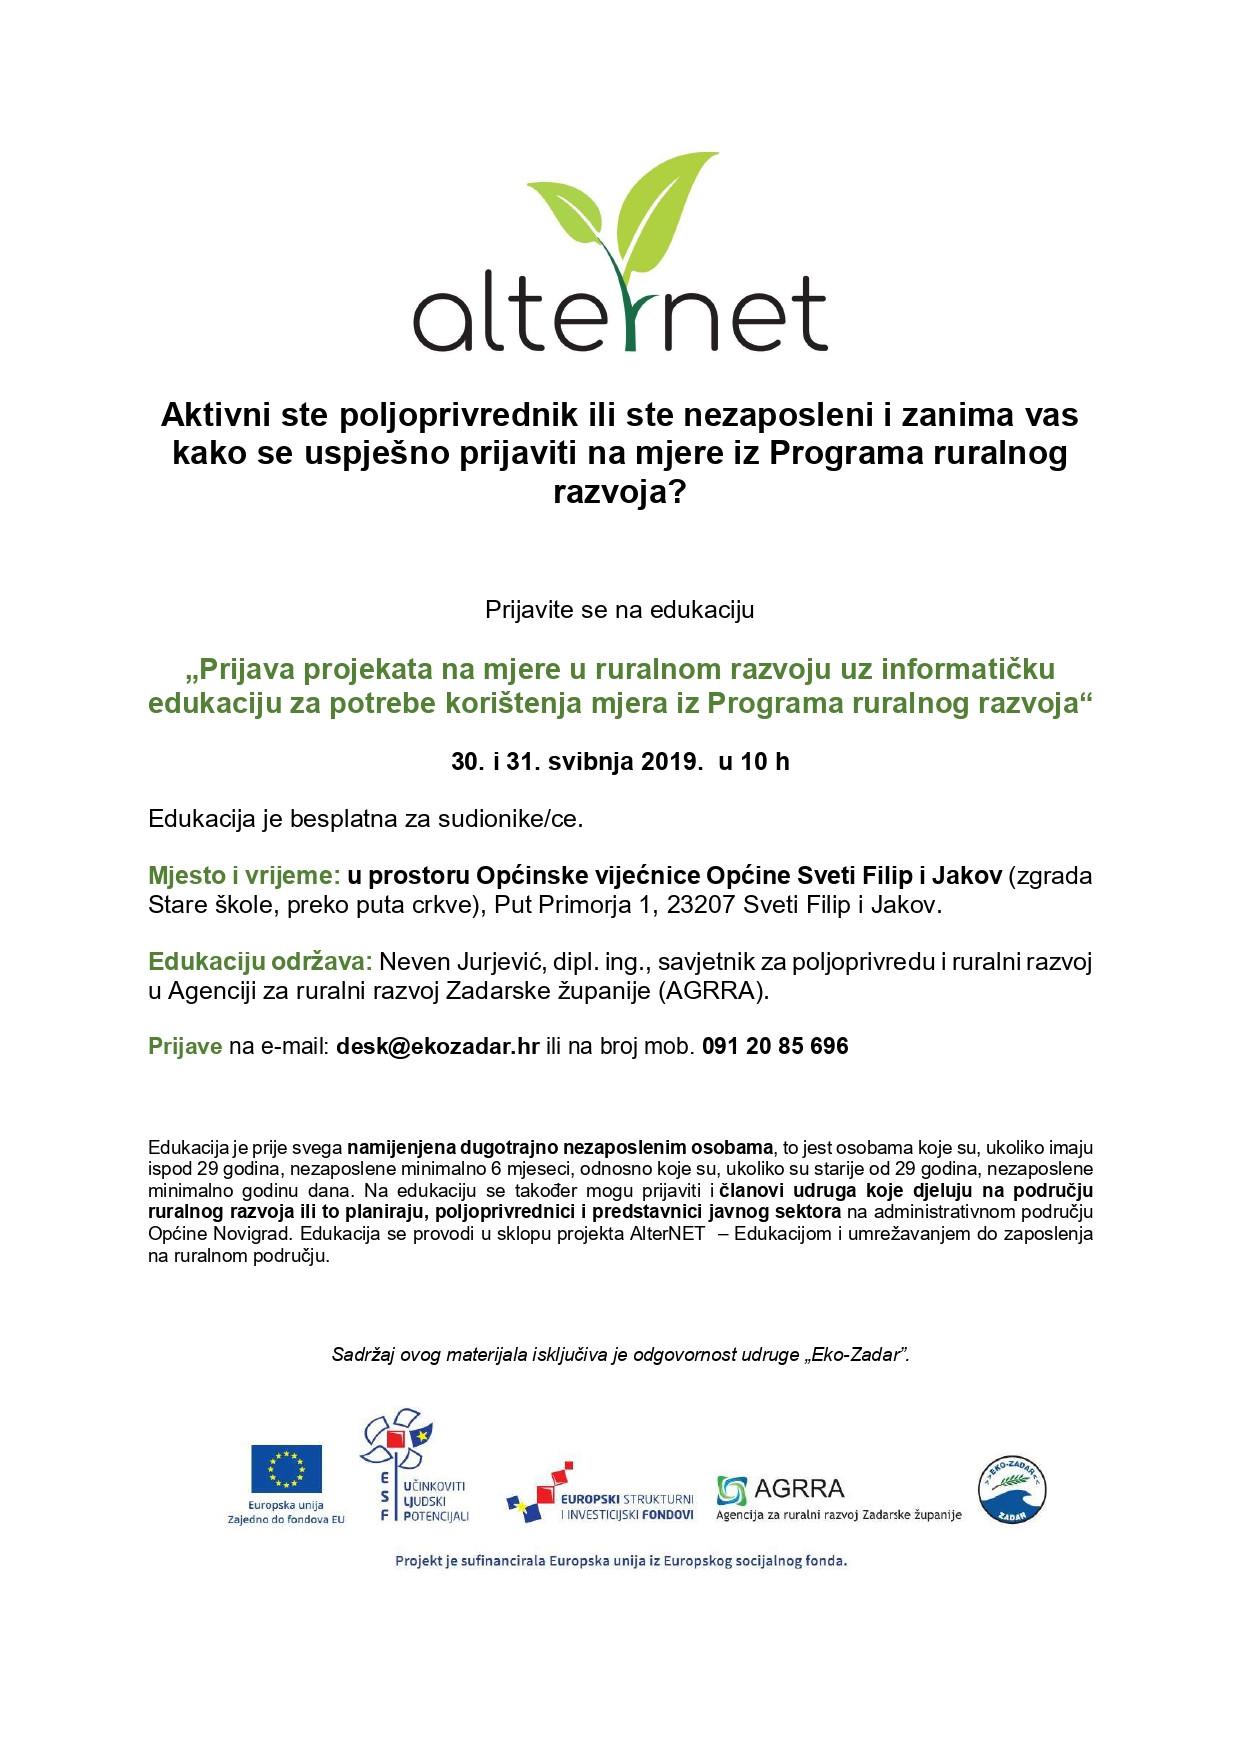 """Edukacija """"Prijava projekata na mjere u ruralnom razvoju uz informatičku edukaciju za potrebe korištenja mjera iz Programa ruralnog razvoja""""  u Sv. Filipu i Jakovu 30. i 31. svibnja, prijavite se!"""